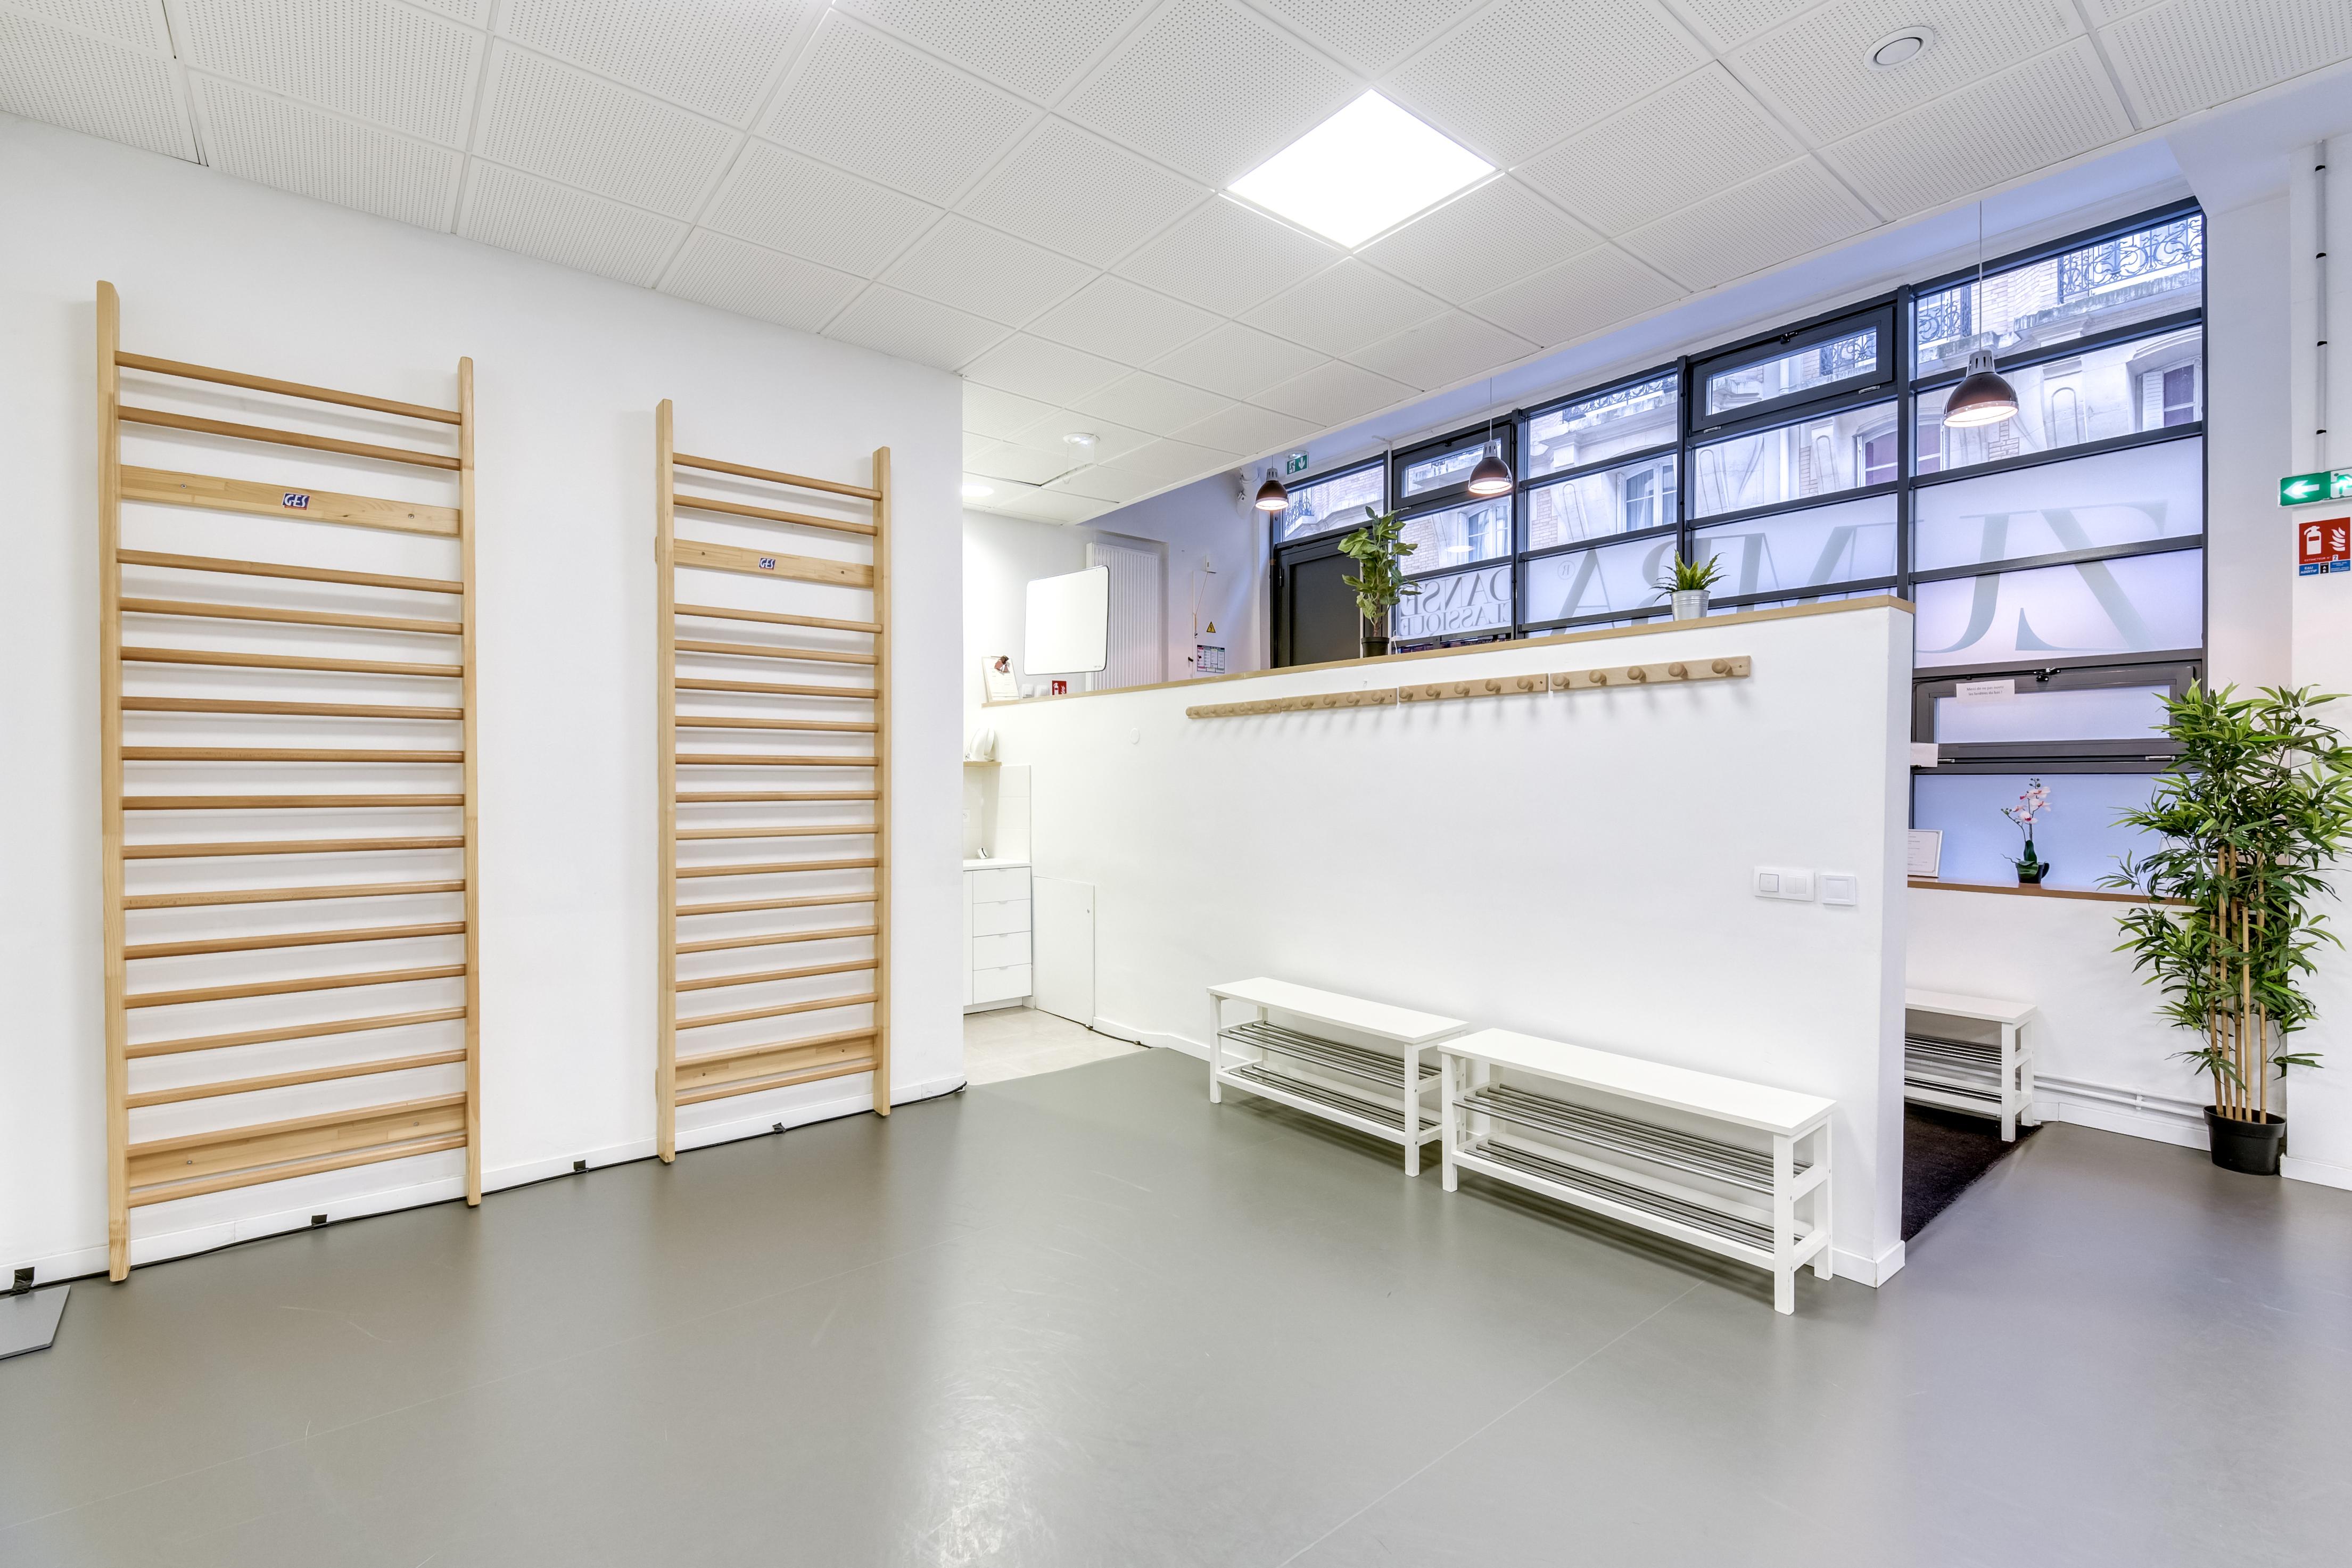 Atelier-du-quartier-TRY&DO-4